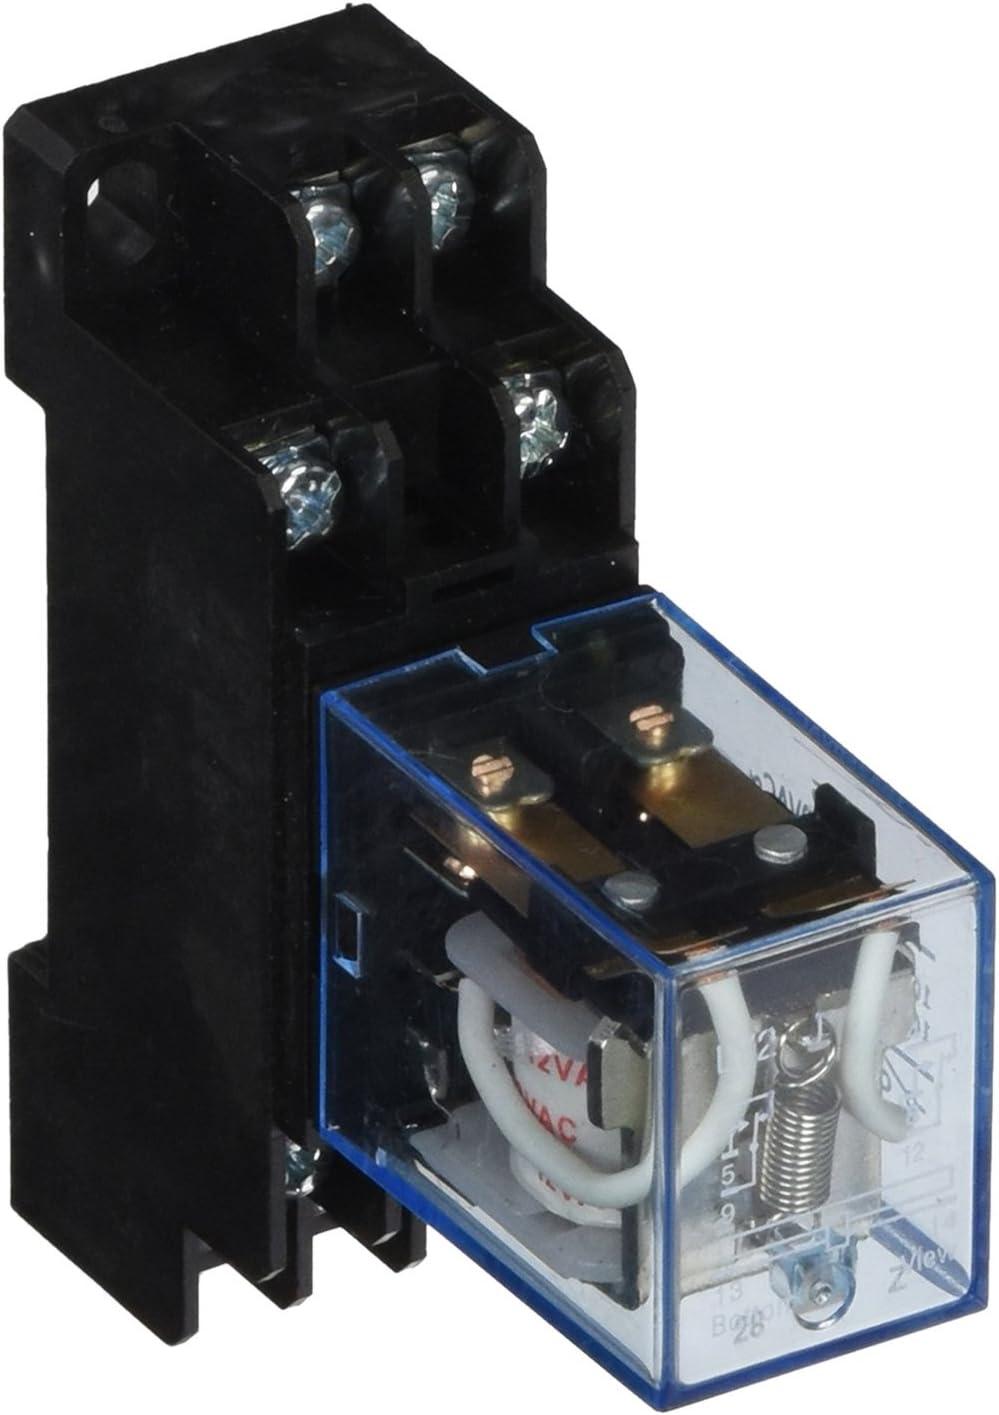 Cc 24V Bobina 10A Dpdt Controllo Motore Relè Elettromagnetico Con Presa